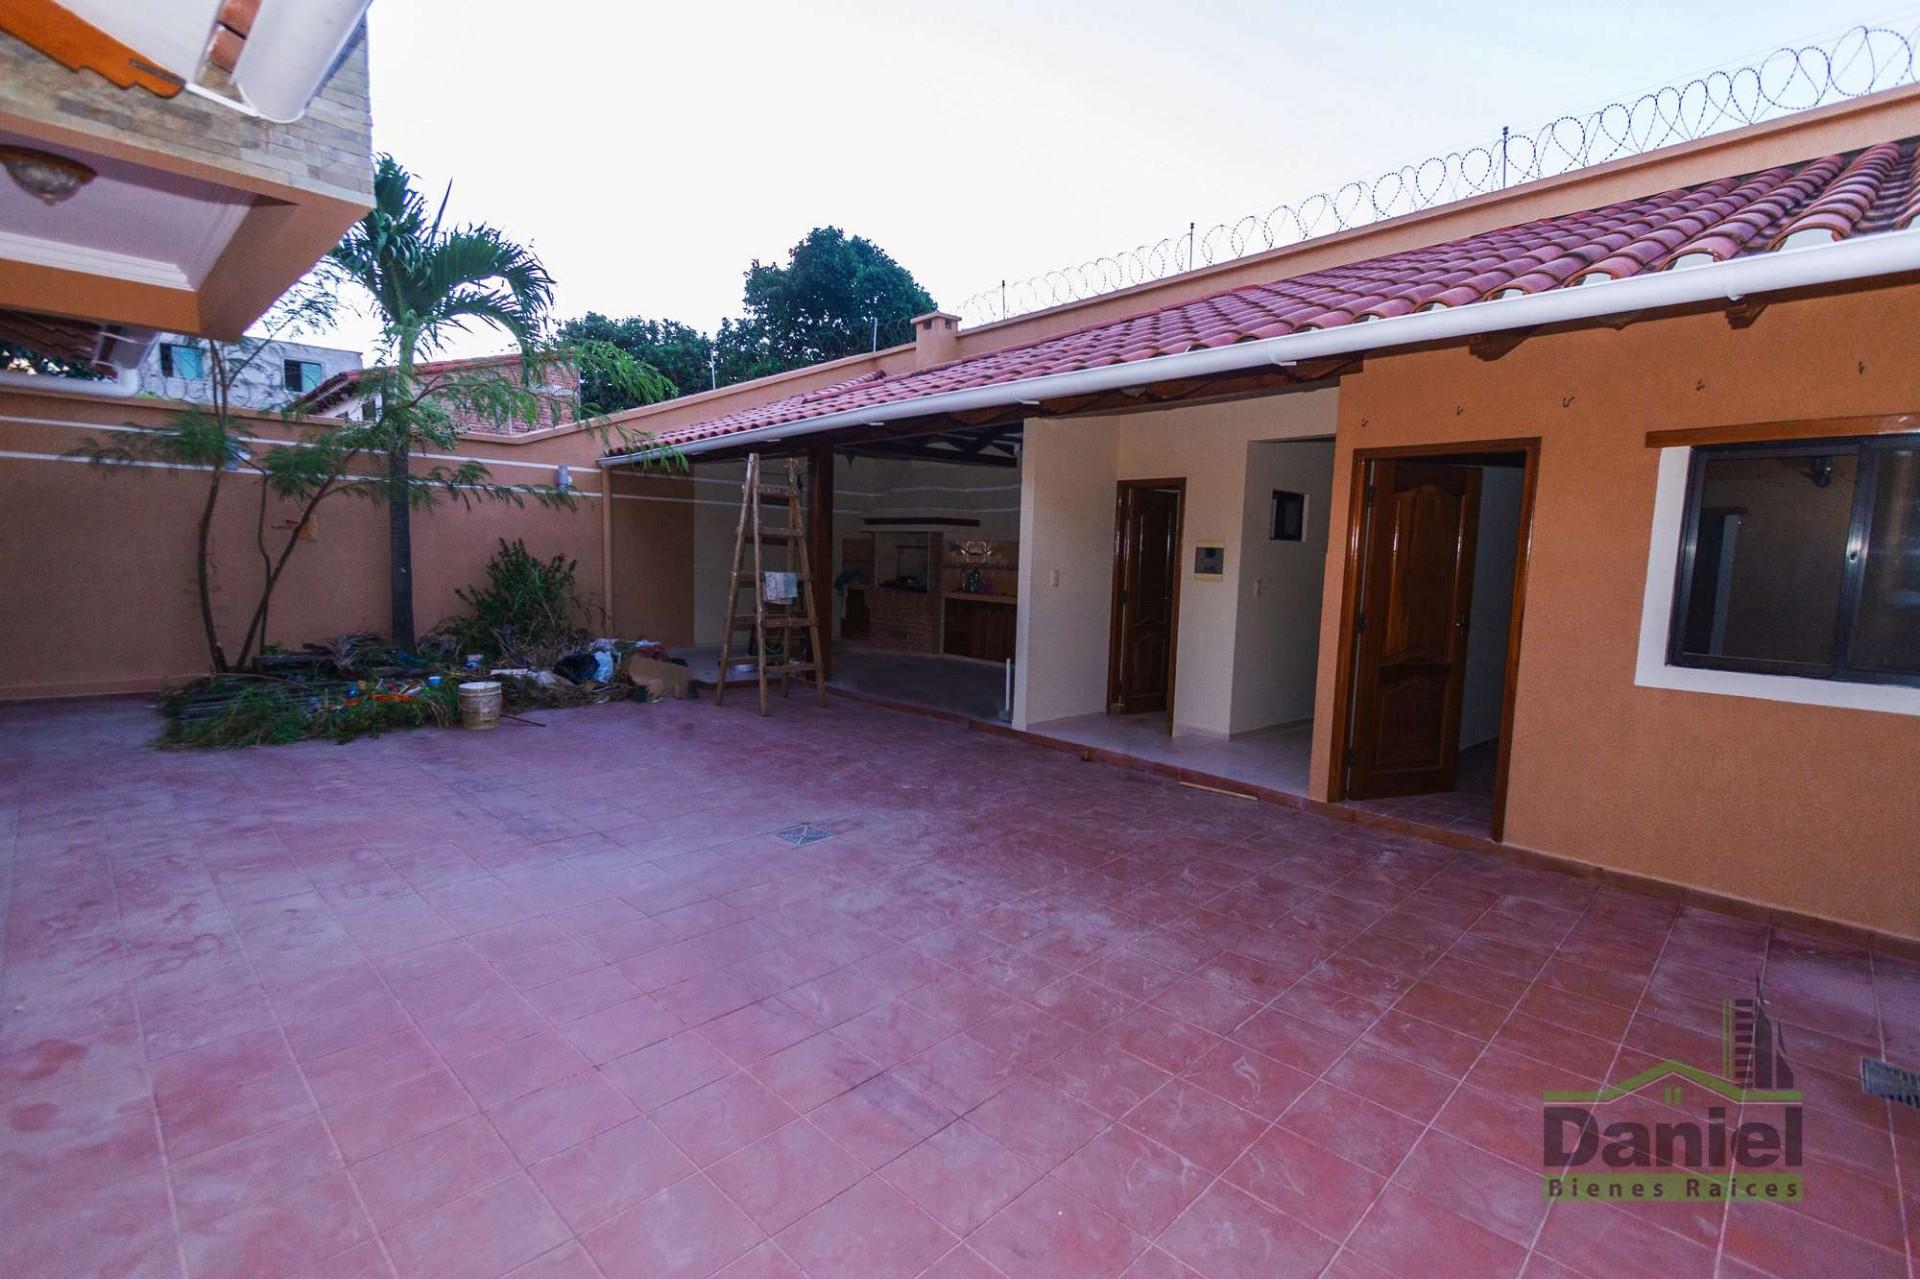 Casa en Venta CASA GRANDE ENTRE 4TO Y 5TO ANILLO RADIAL 27 Foto 4